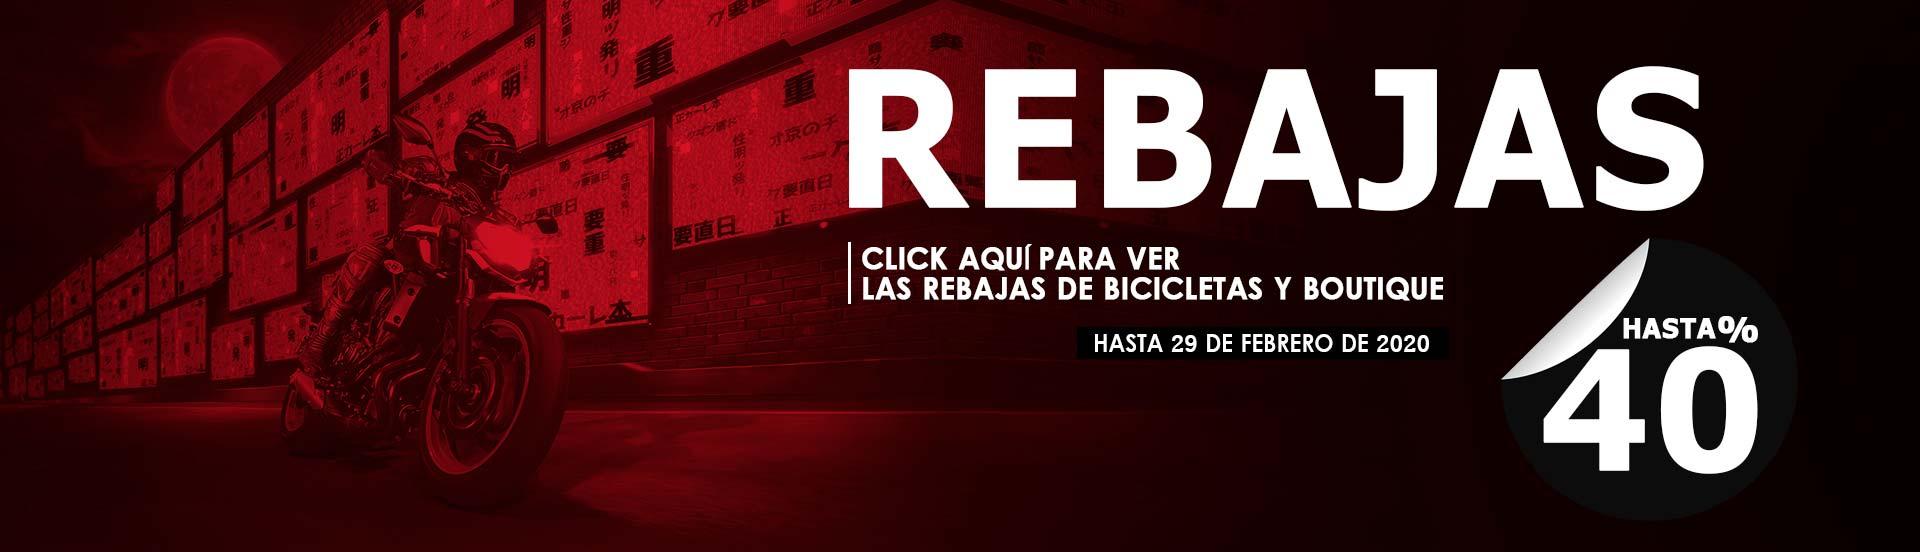 REBAJAS_INVIERNO